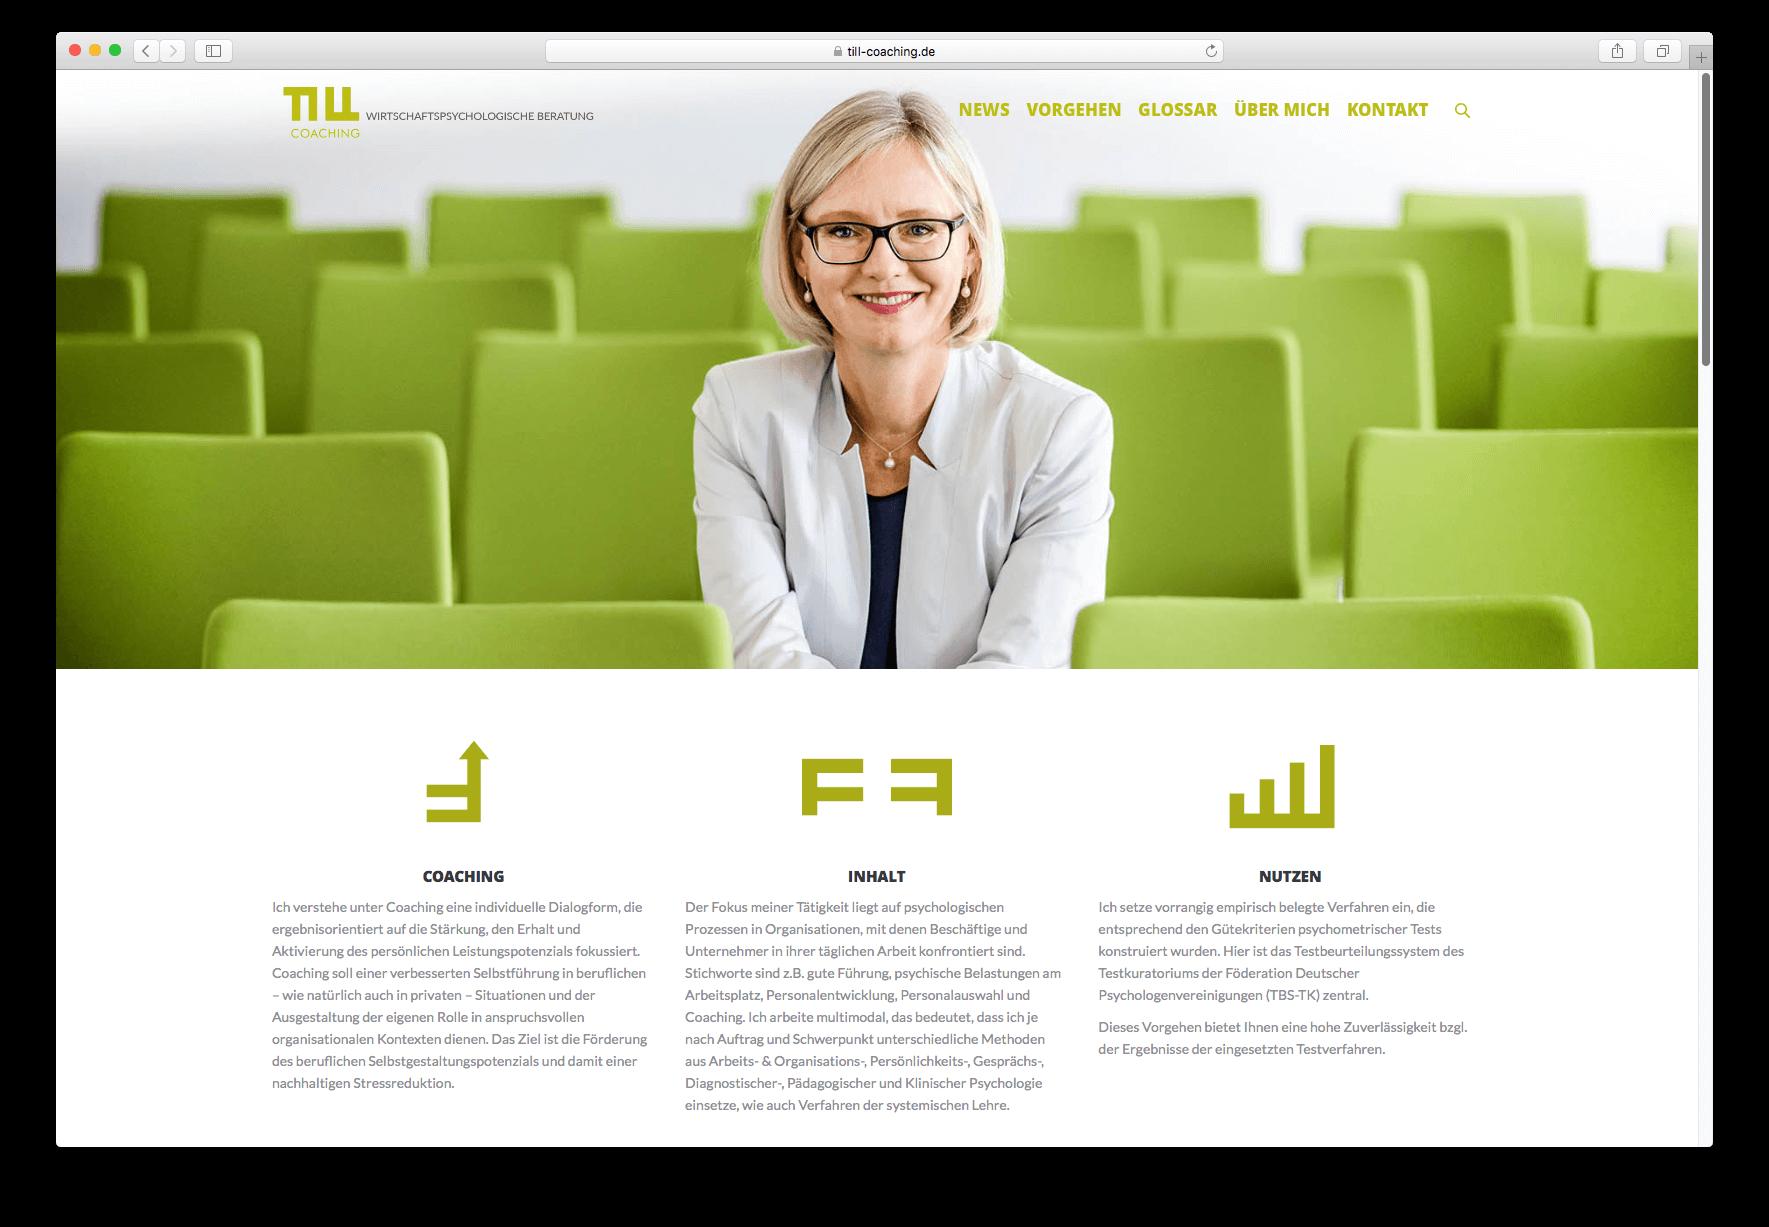 Die Internetseite für Till Coaching hier ist die Startseite zu sehen